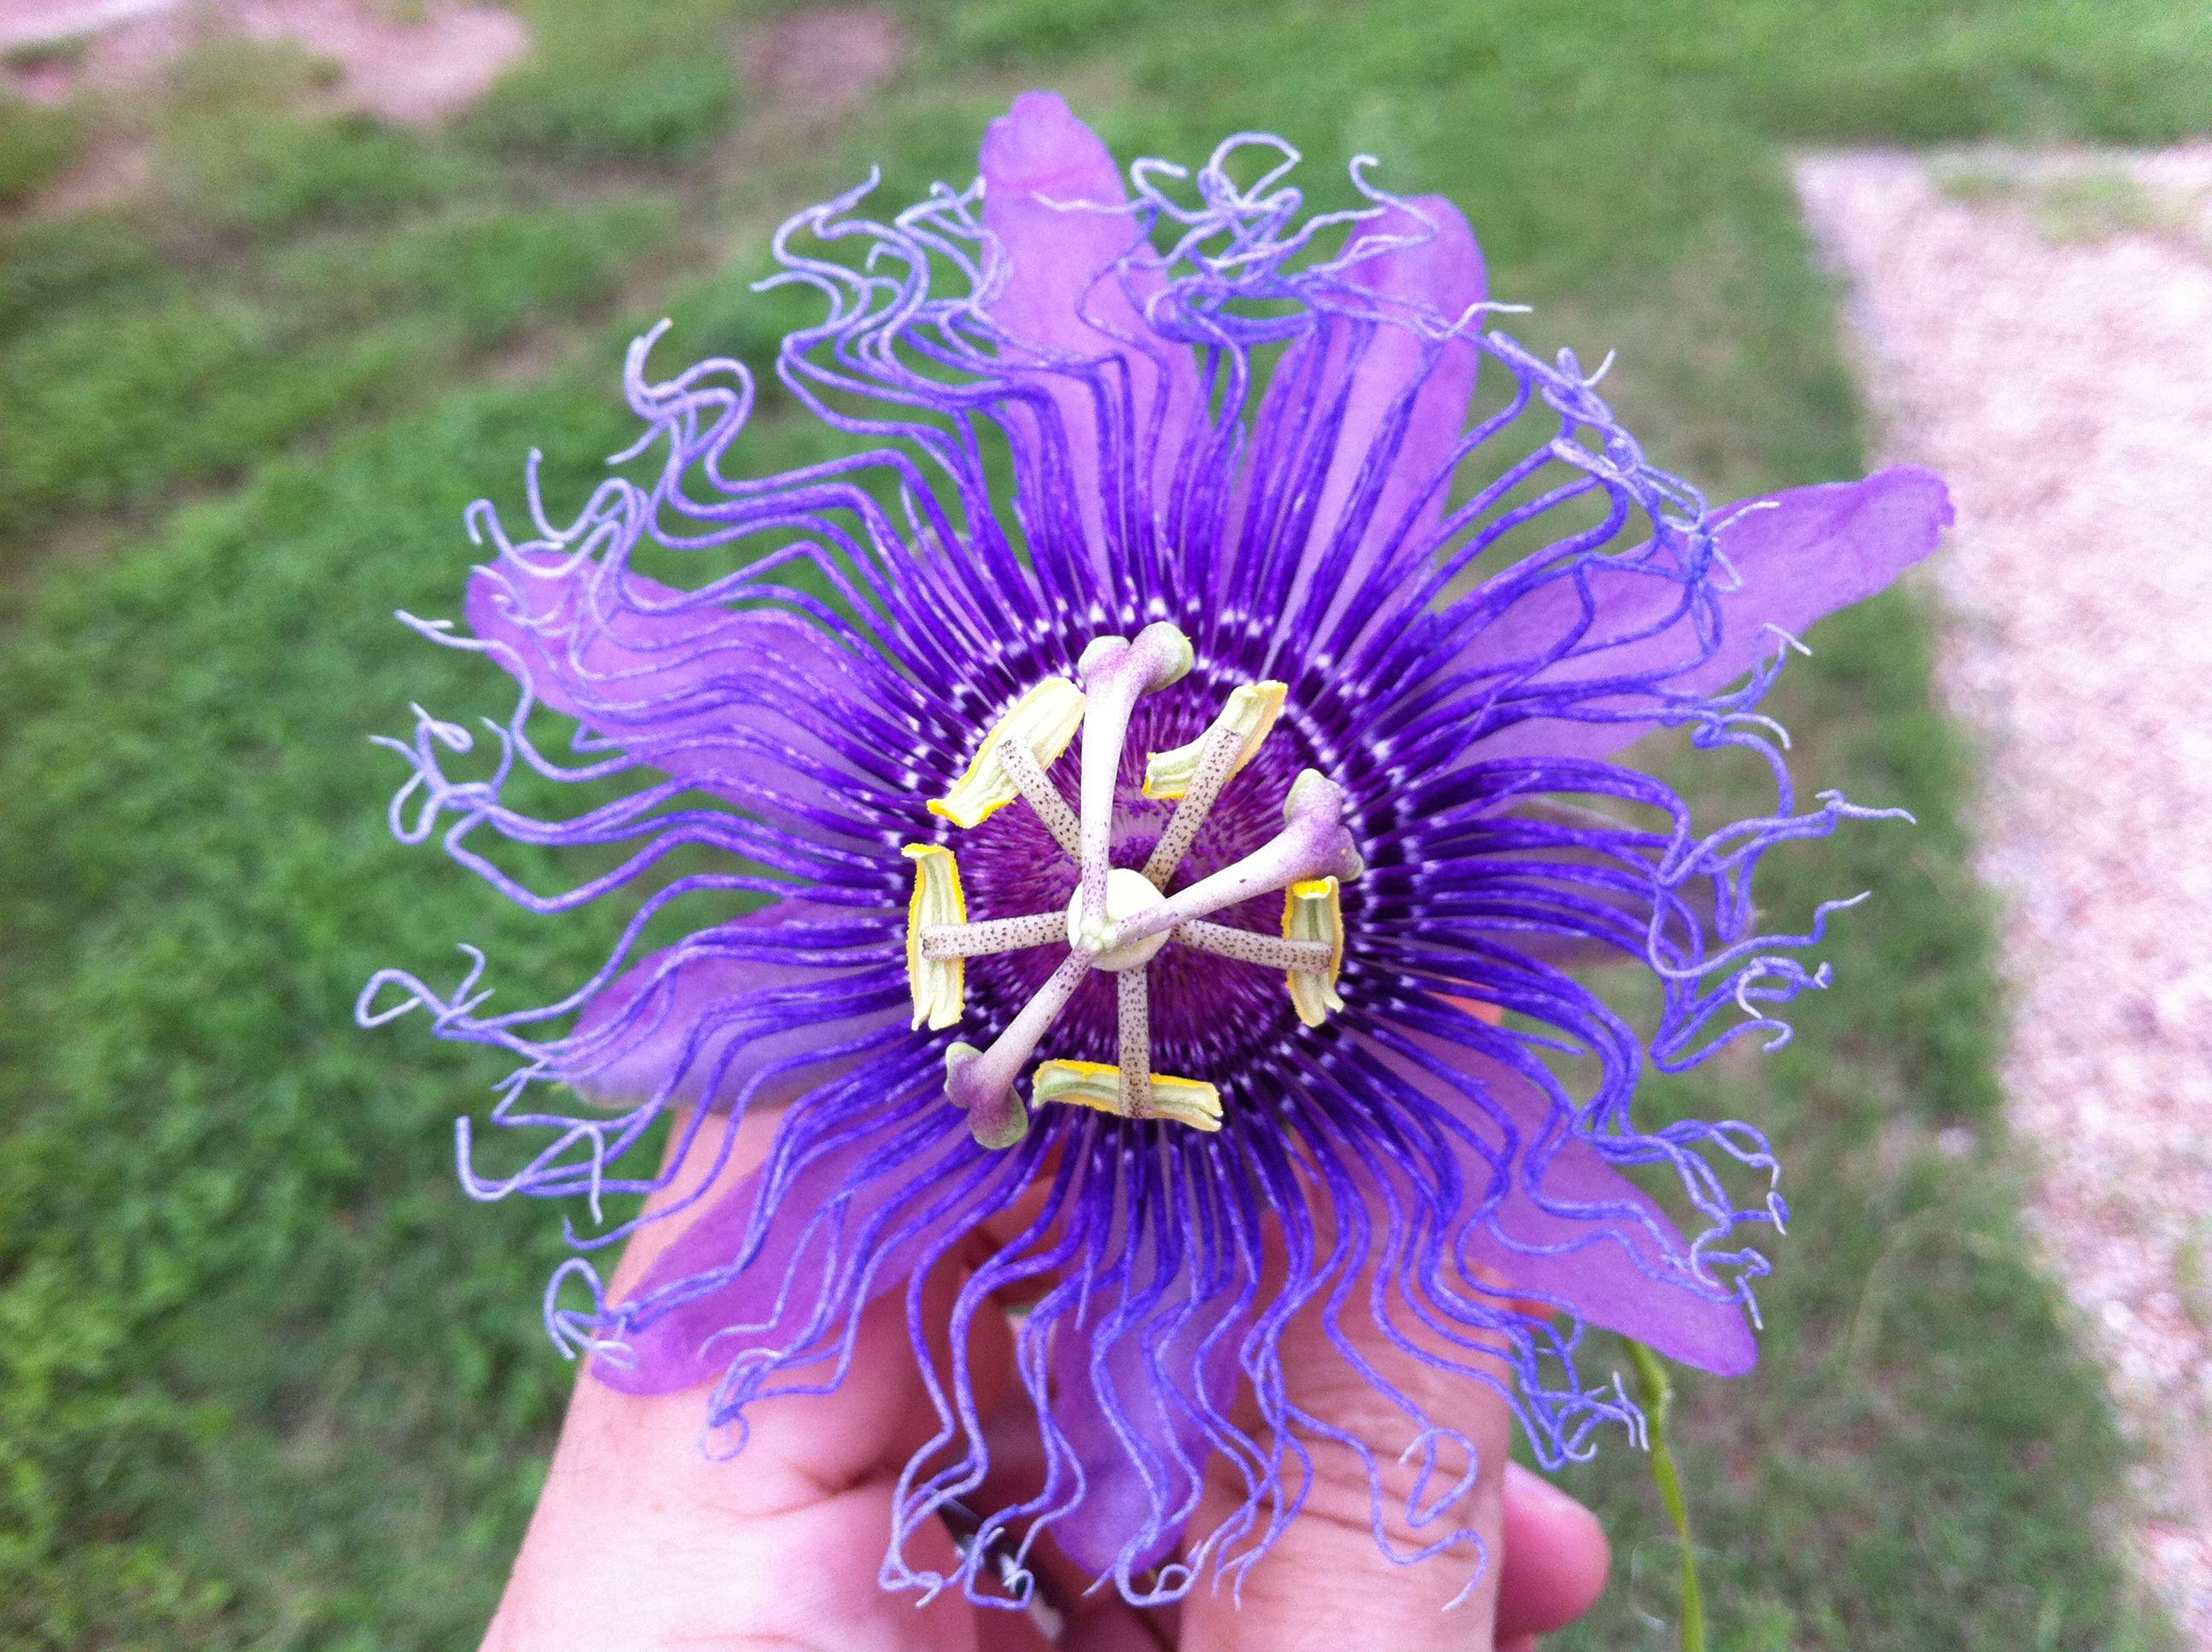 Crazy Plant Passion Fruit Flower Passion Fruit Flower Pretty Plants Plants